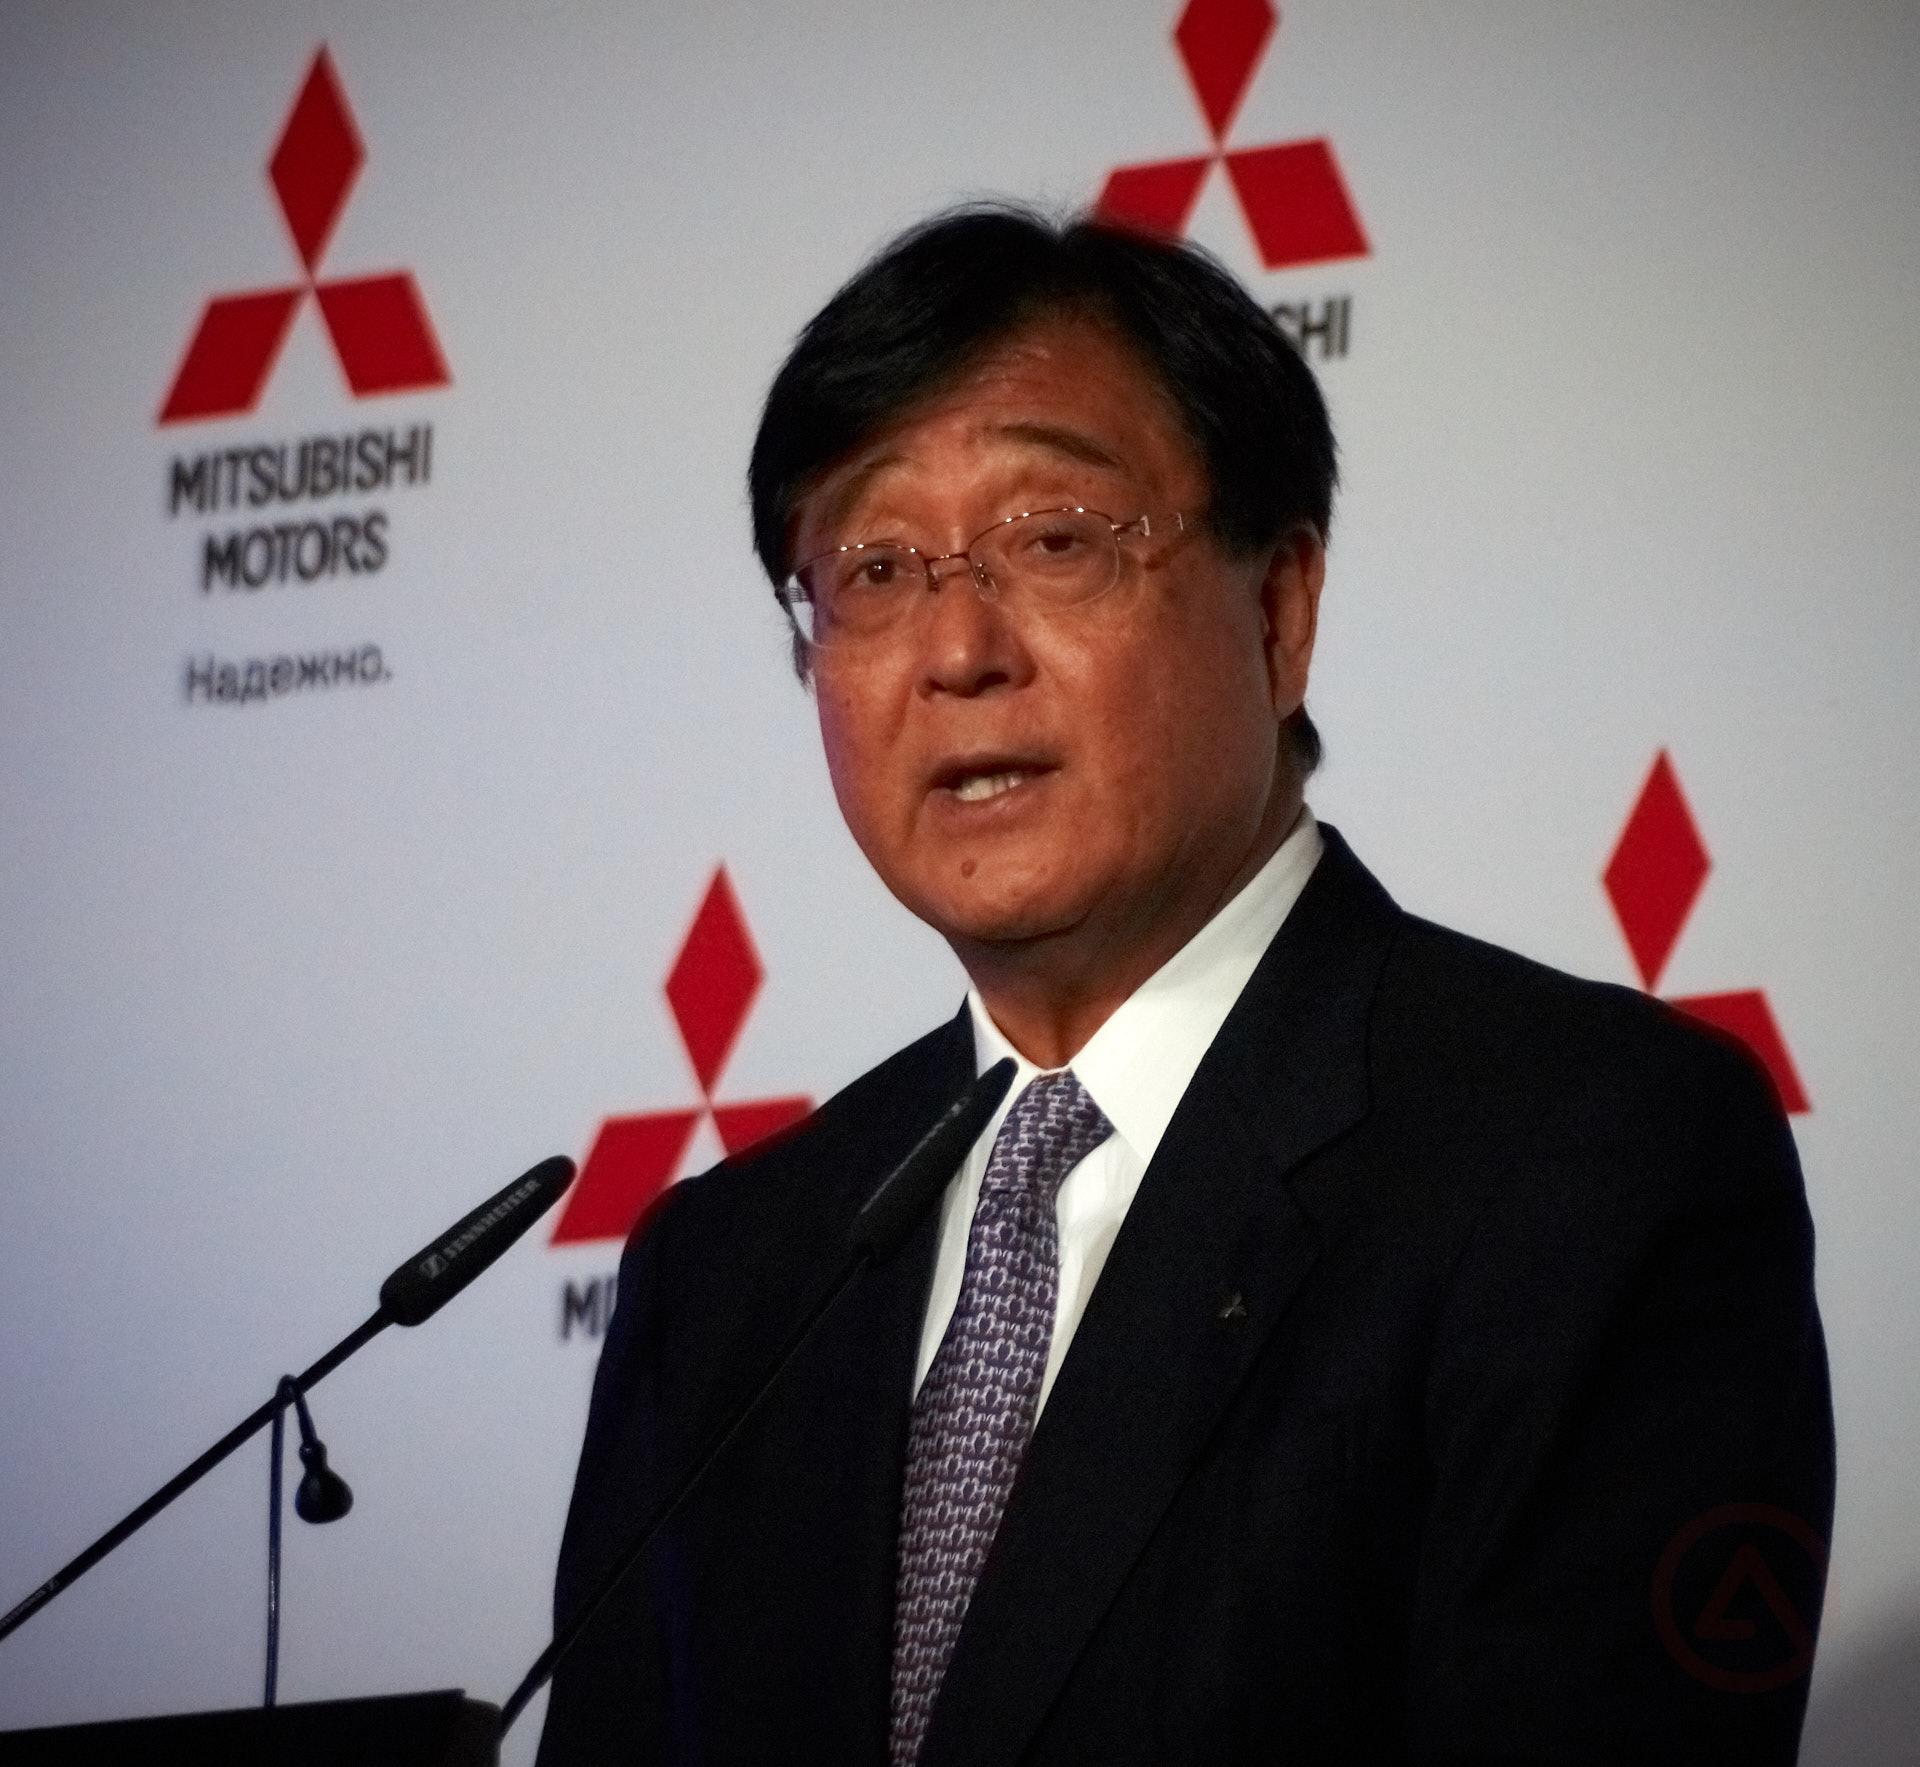 Осаму Масуко Осаму Масуко, Генеральный Директор Mitsubishi Motors